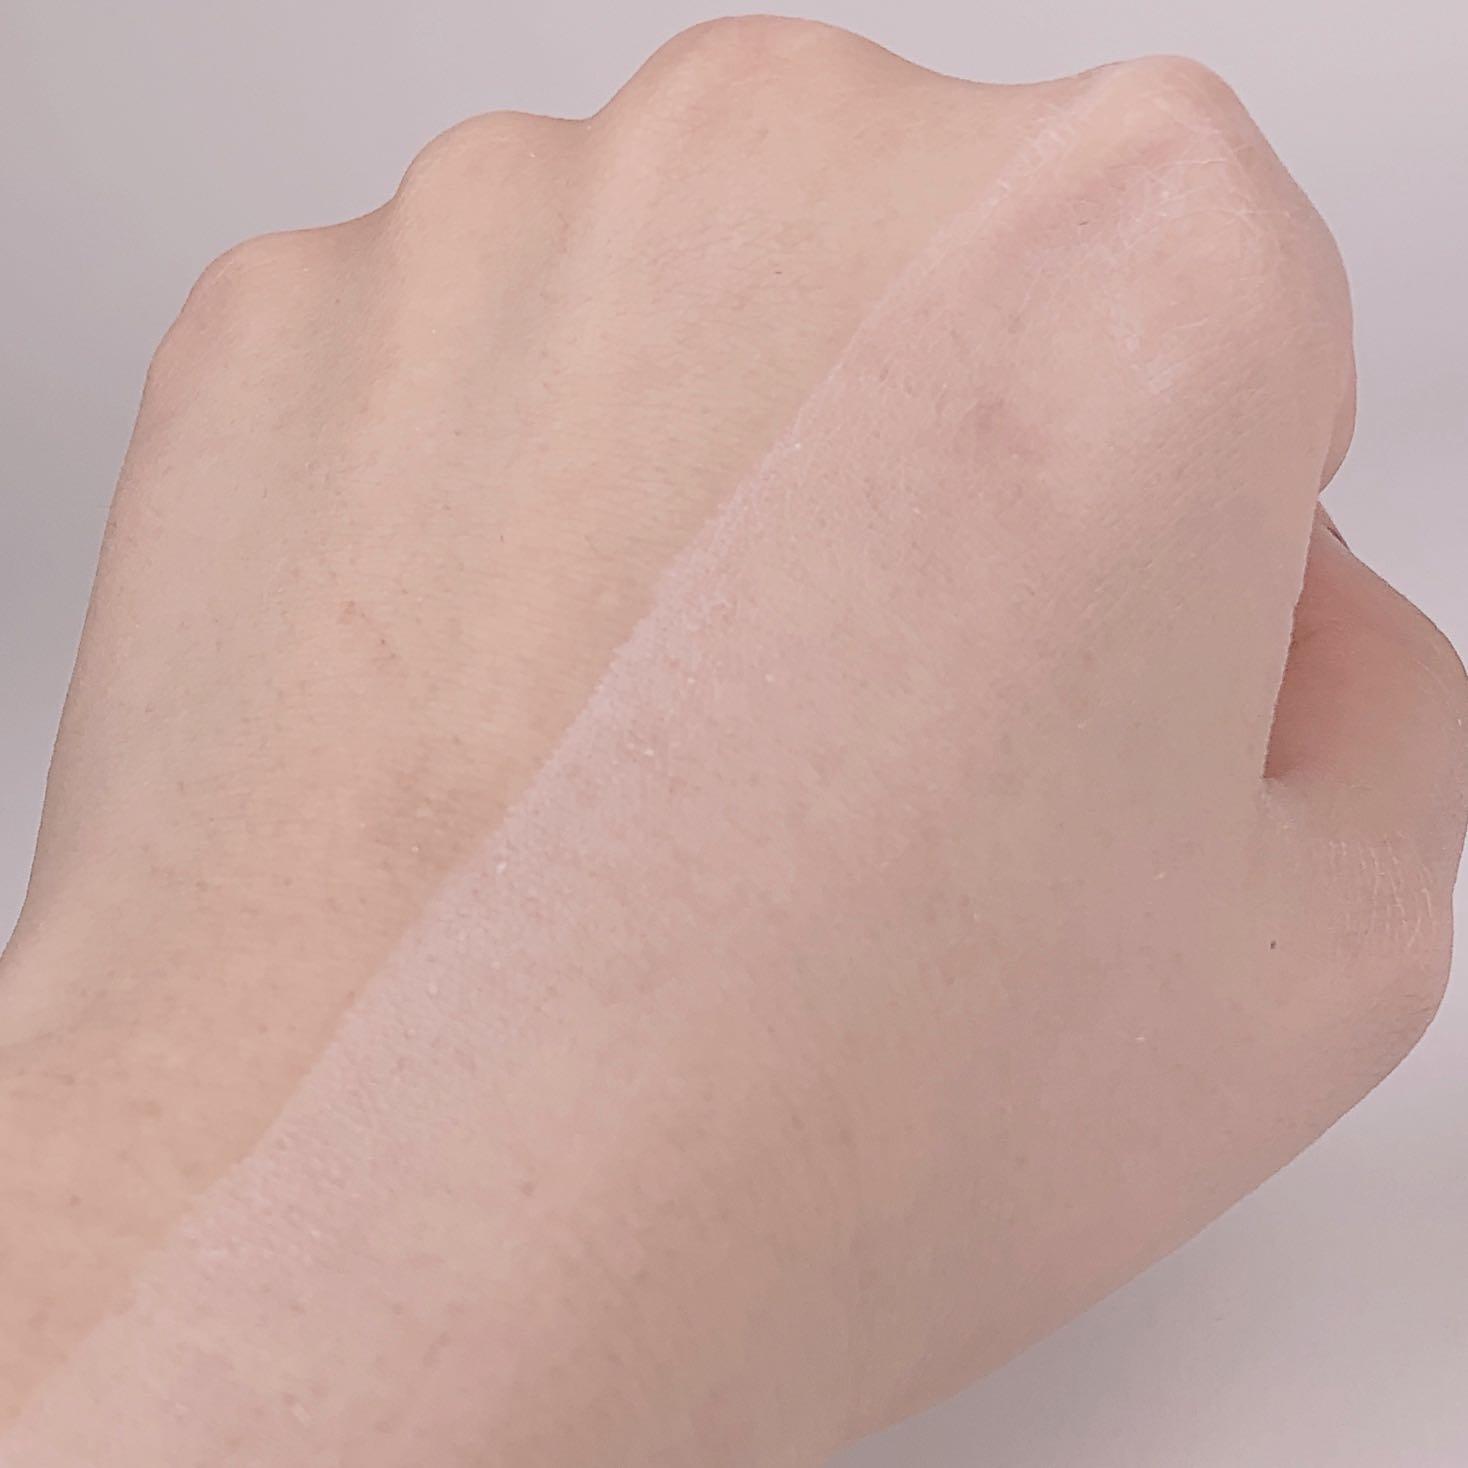 大人気のセザンヌ 皮脂テカリ防止下地!くすみを飛ばして顔色のトーンアップも叶う!高見えフェイスに!に関する画像7